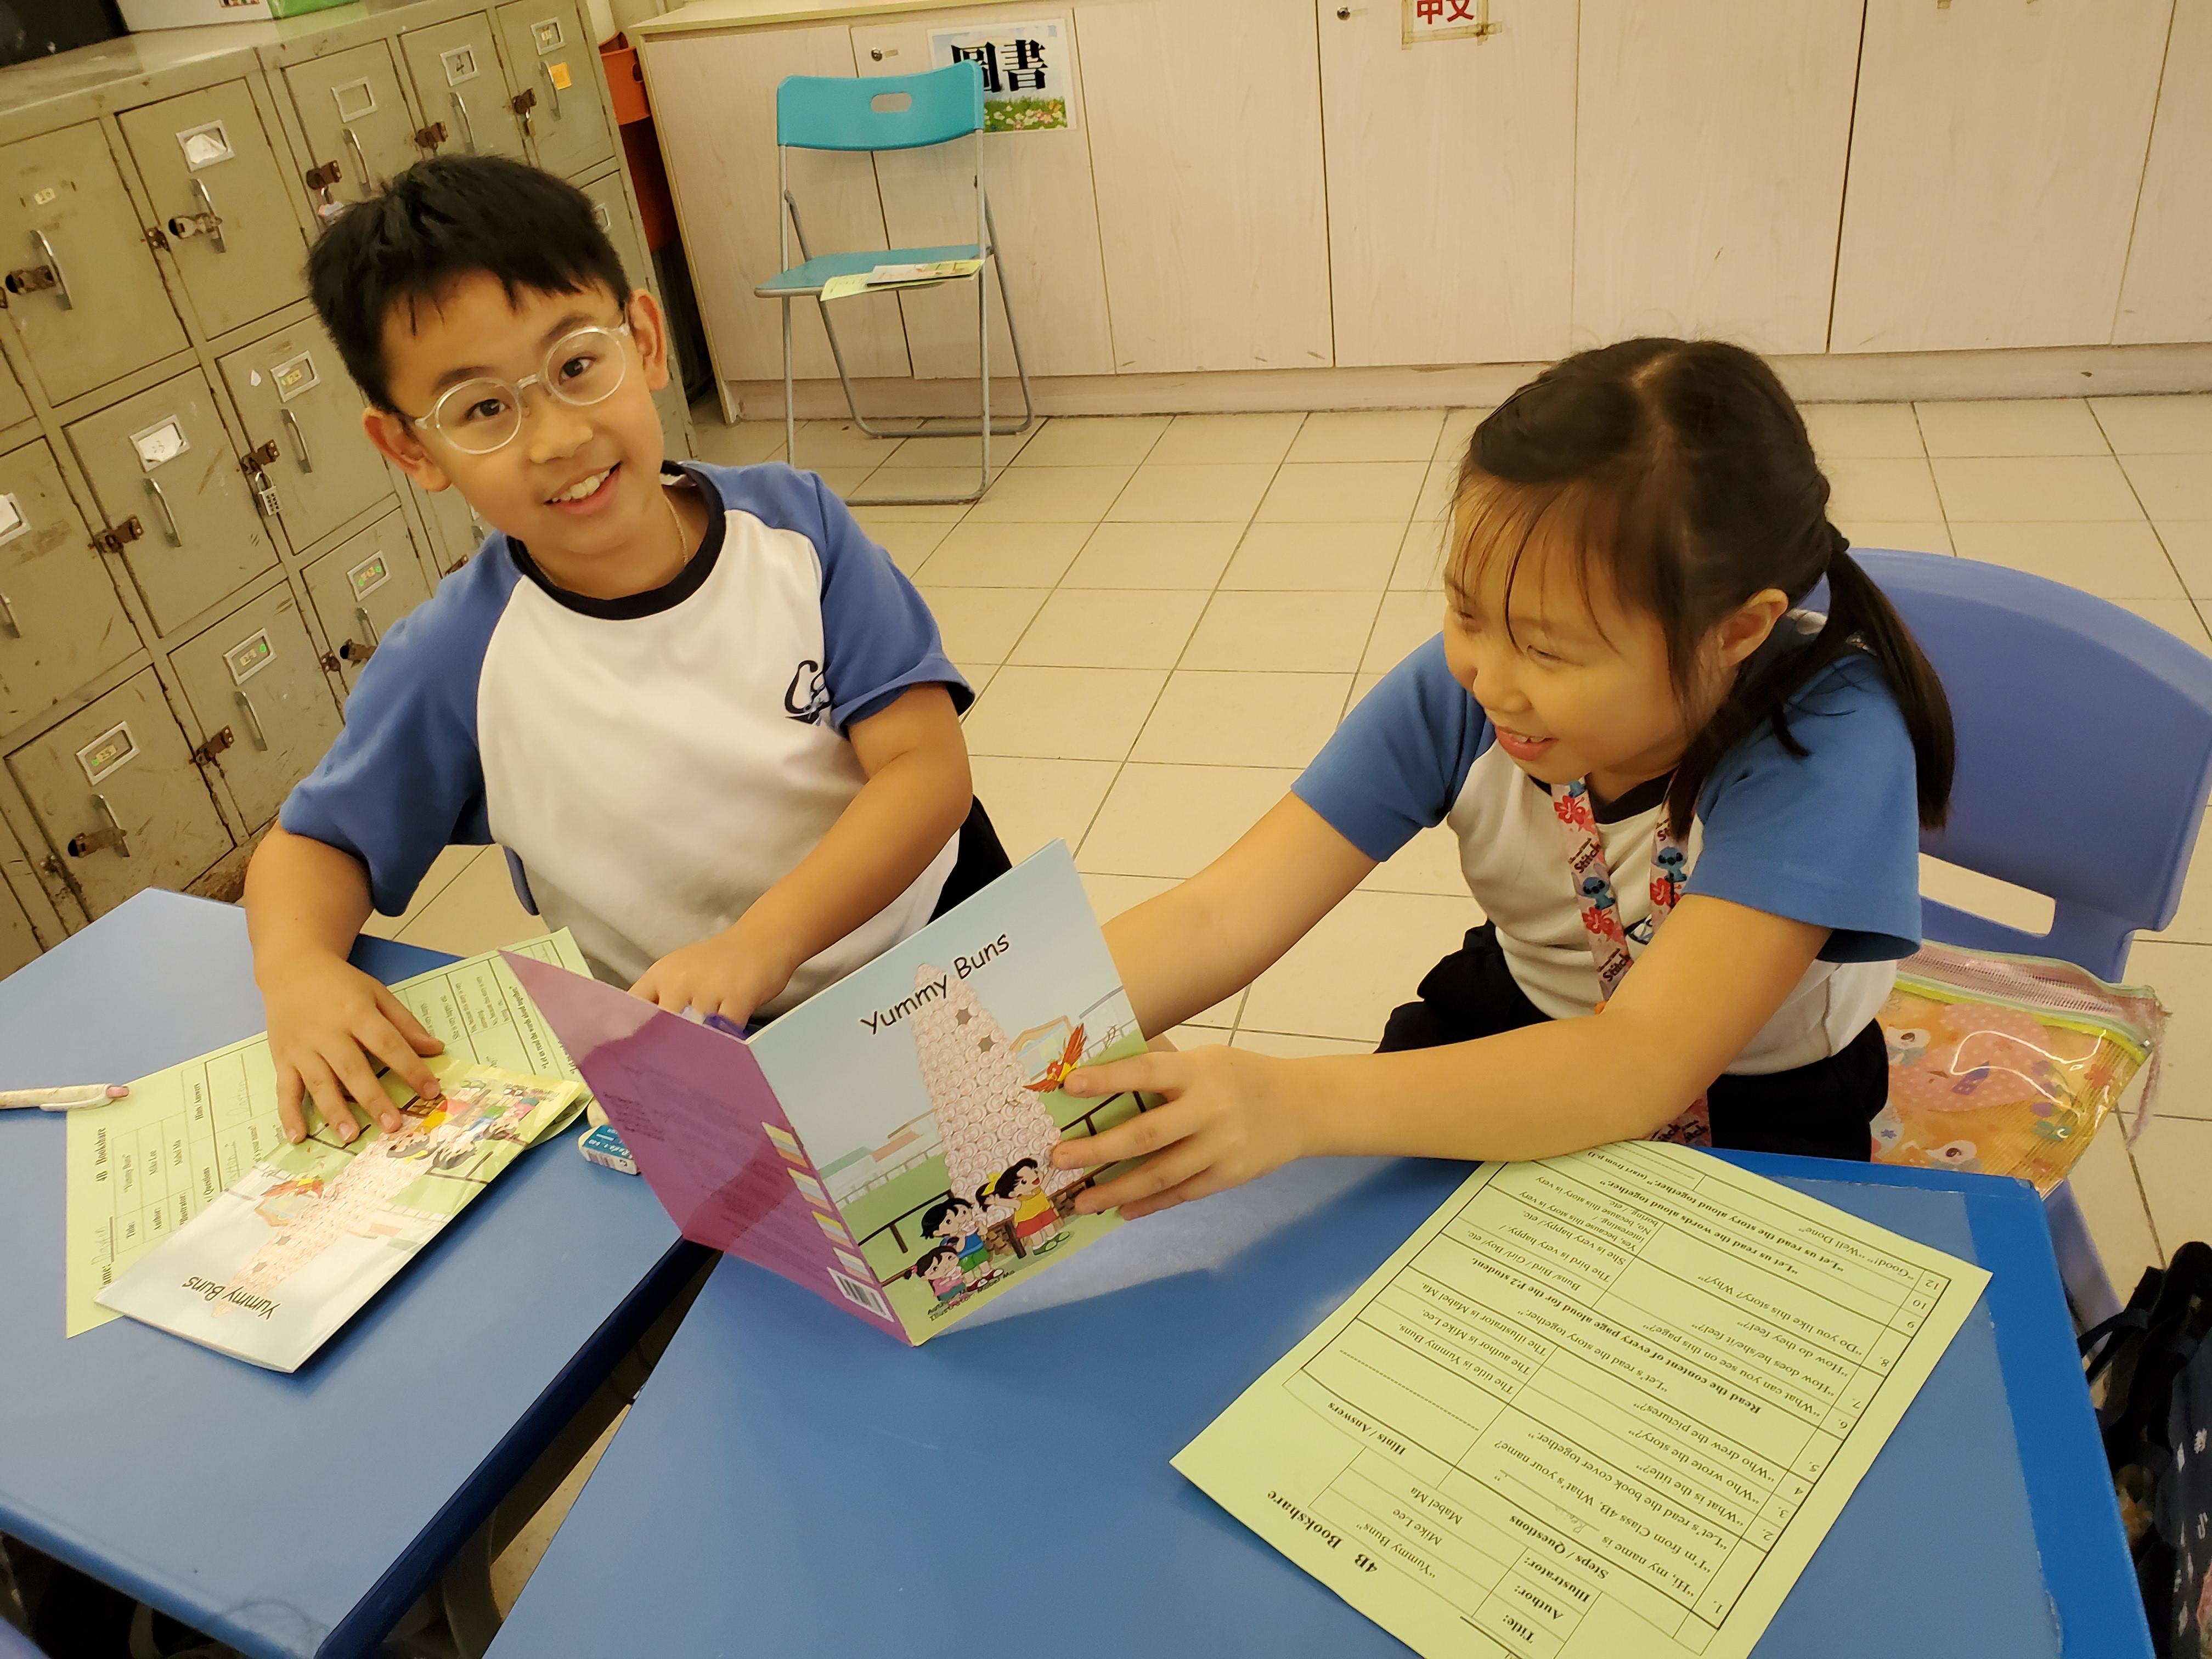 http://www.keiwan.edu.hk/sites/default/files/27_1.jpg